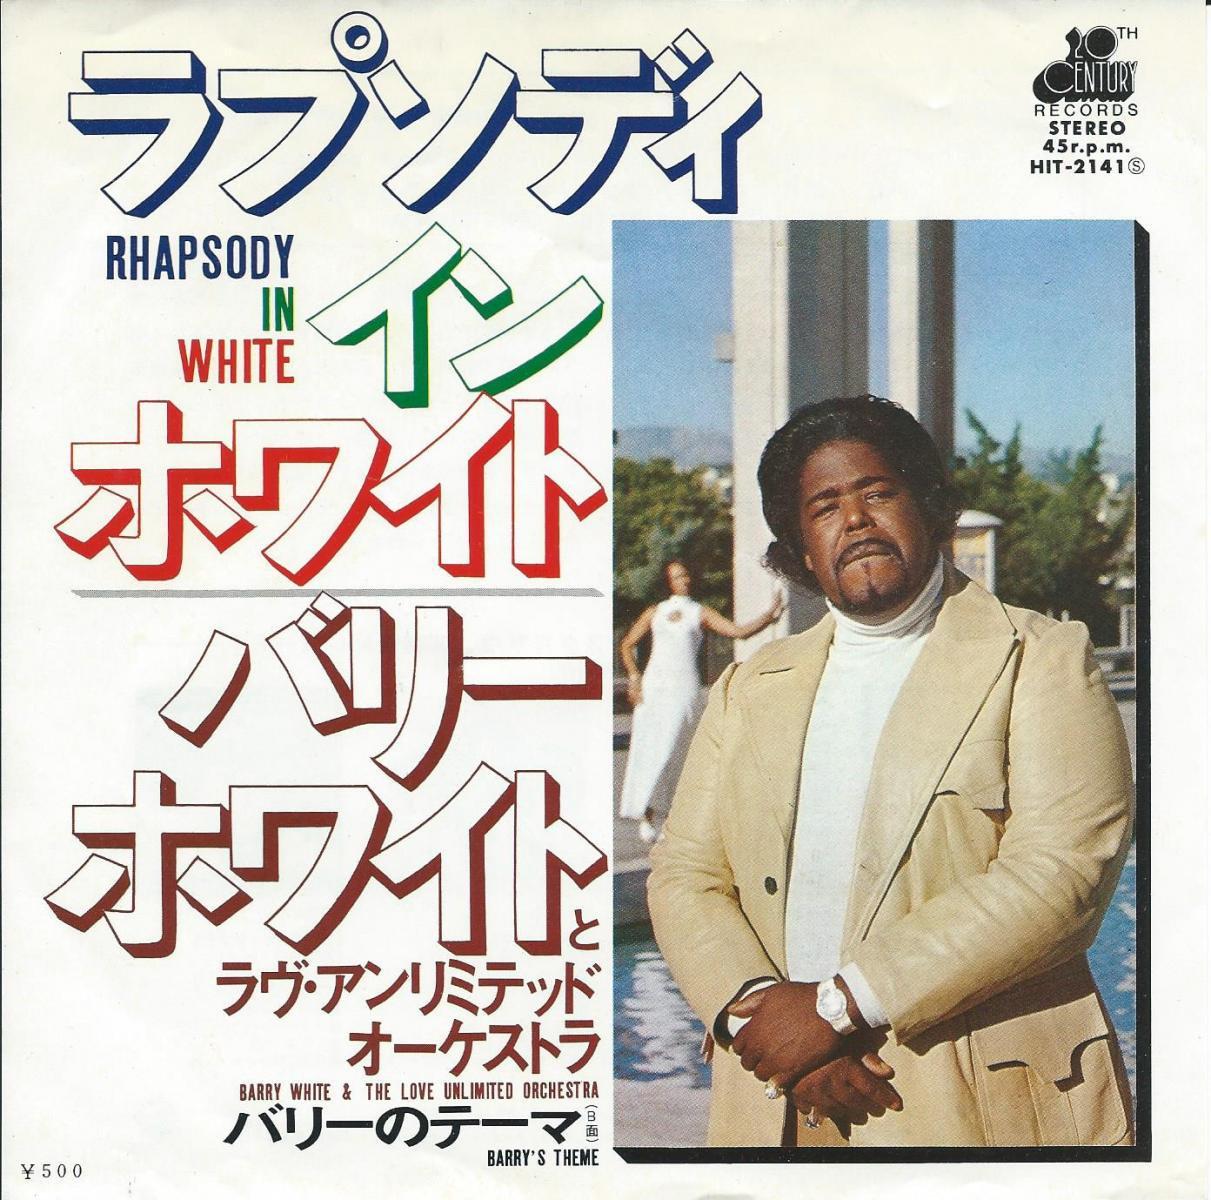 バリー・ホワイト BARRY WHITE / ラプソディ・イン・ホワイト RHAPSODY IN WHITE (7